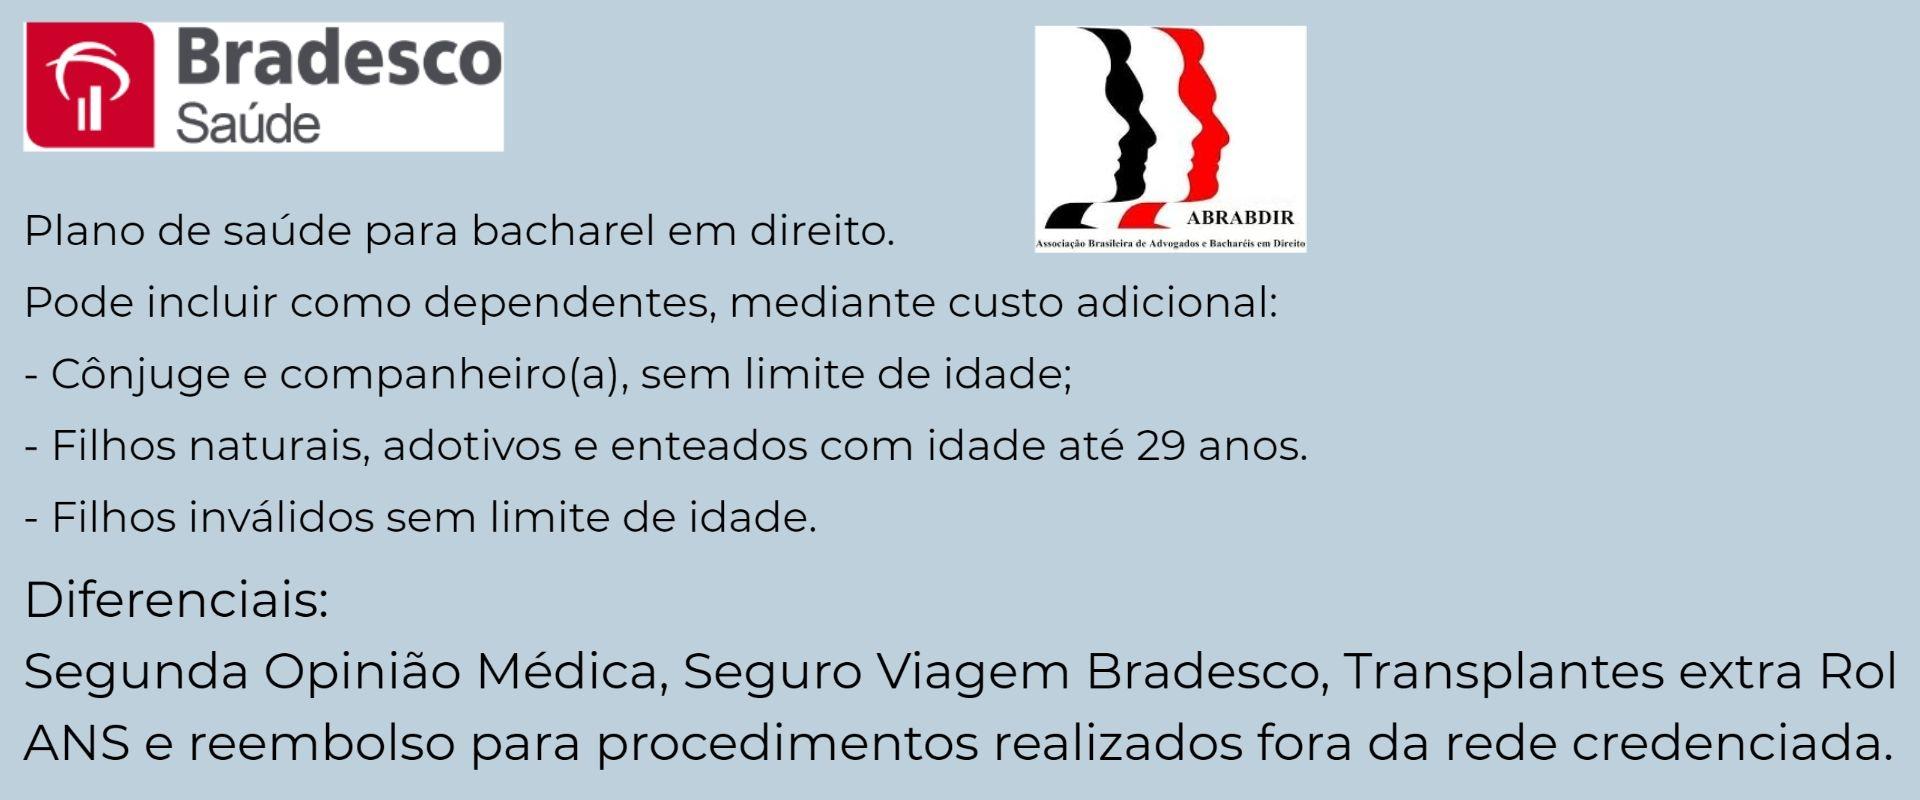 Bradesco Saúde Abrabdir-MS